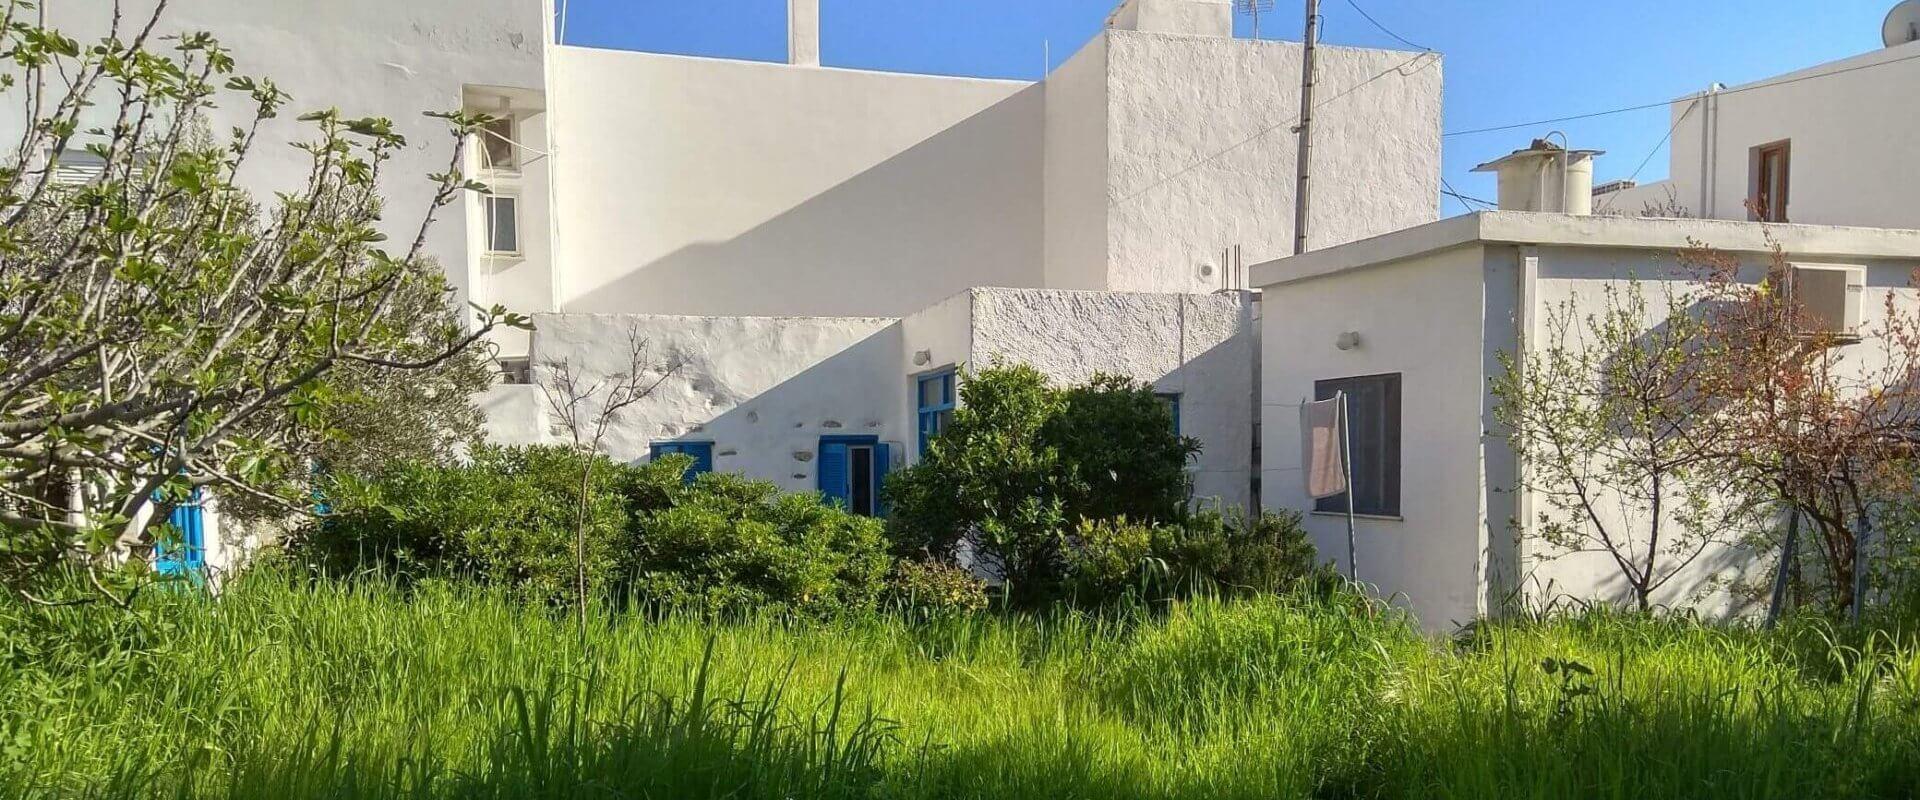 House in Pandeli L 617